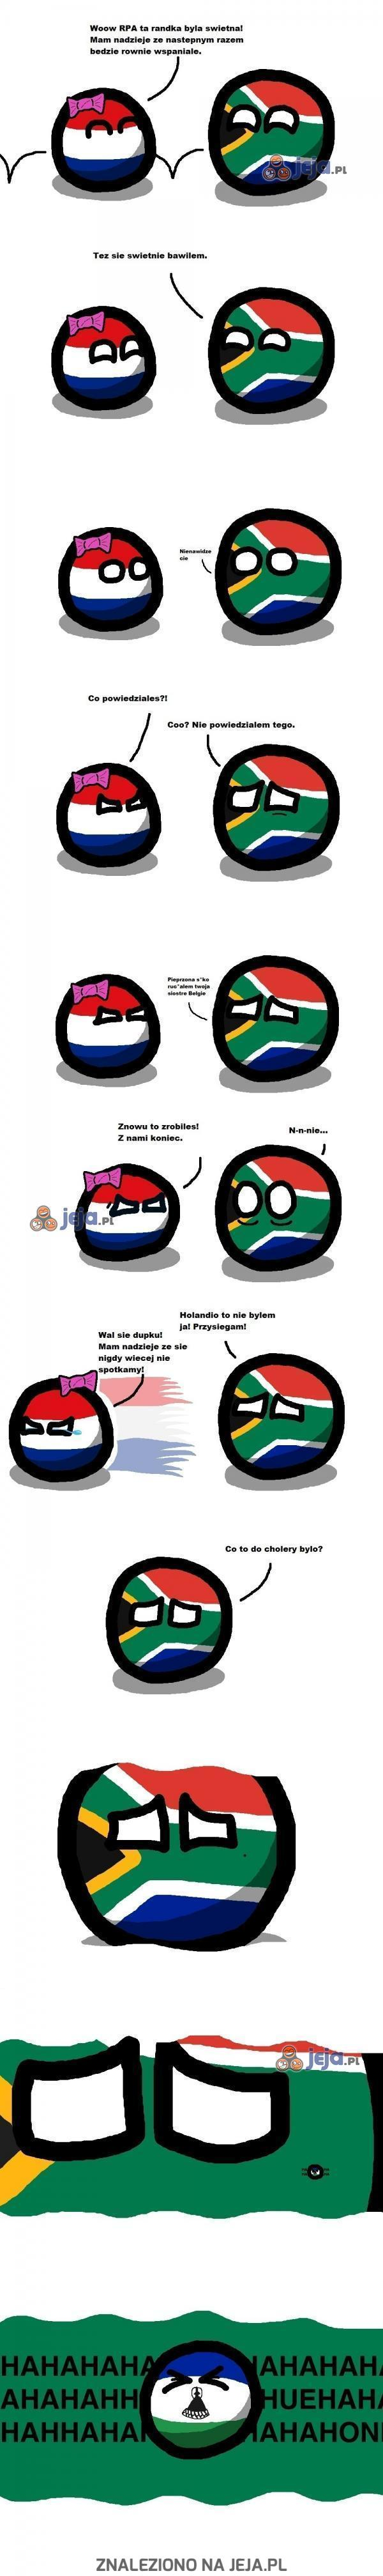 RPA czasem powie coś nieodpowiedniego